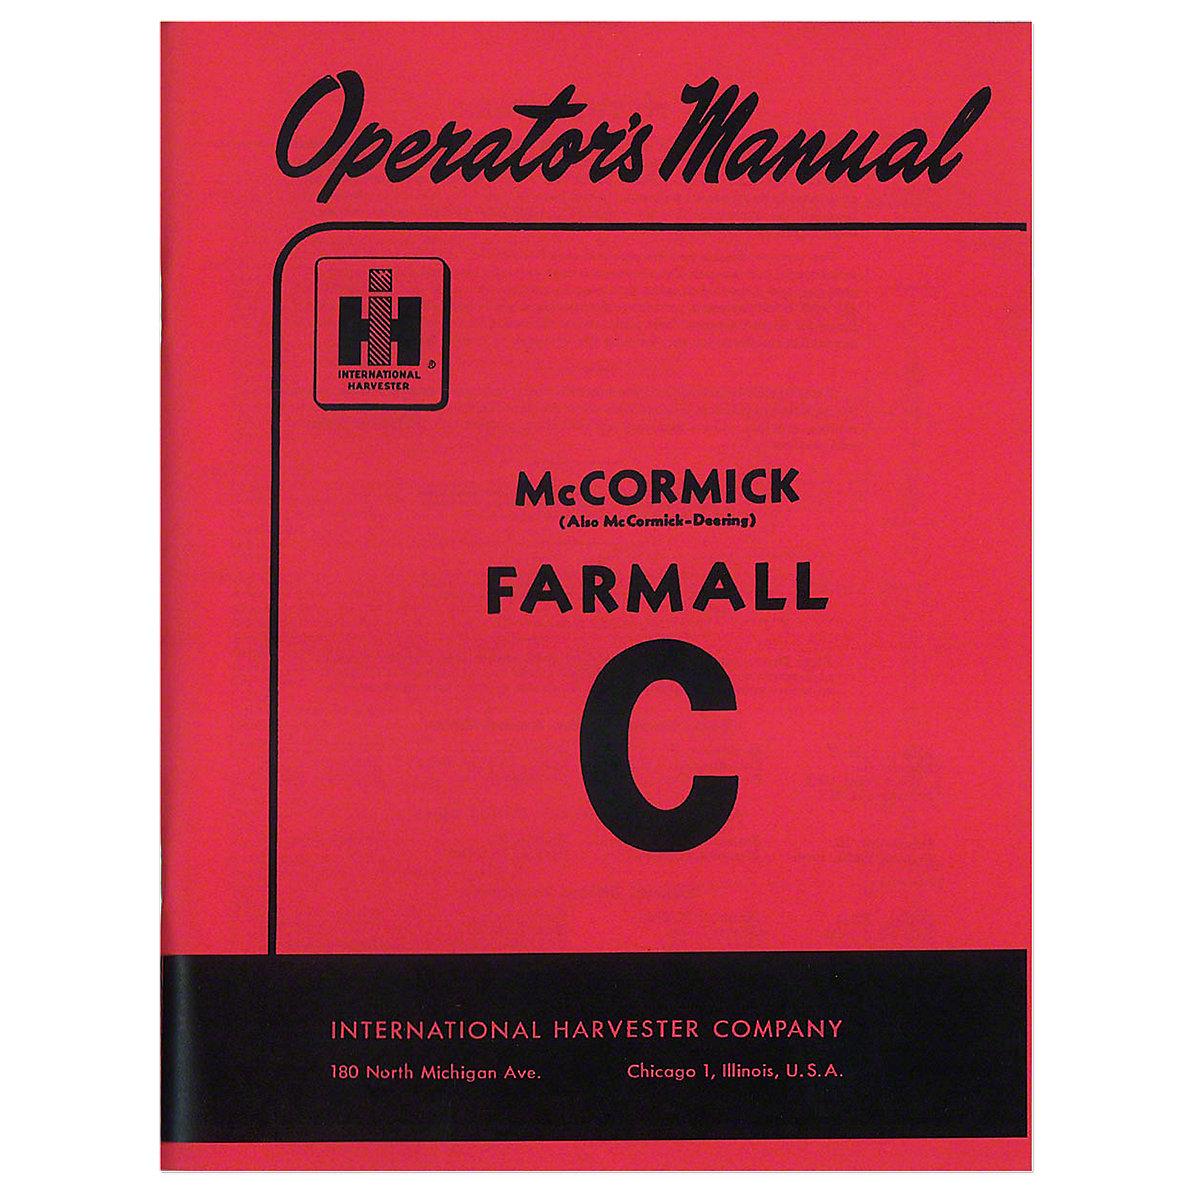 REP097  OPERATORS MANUAL  FARMALL C